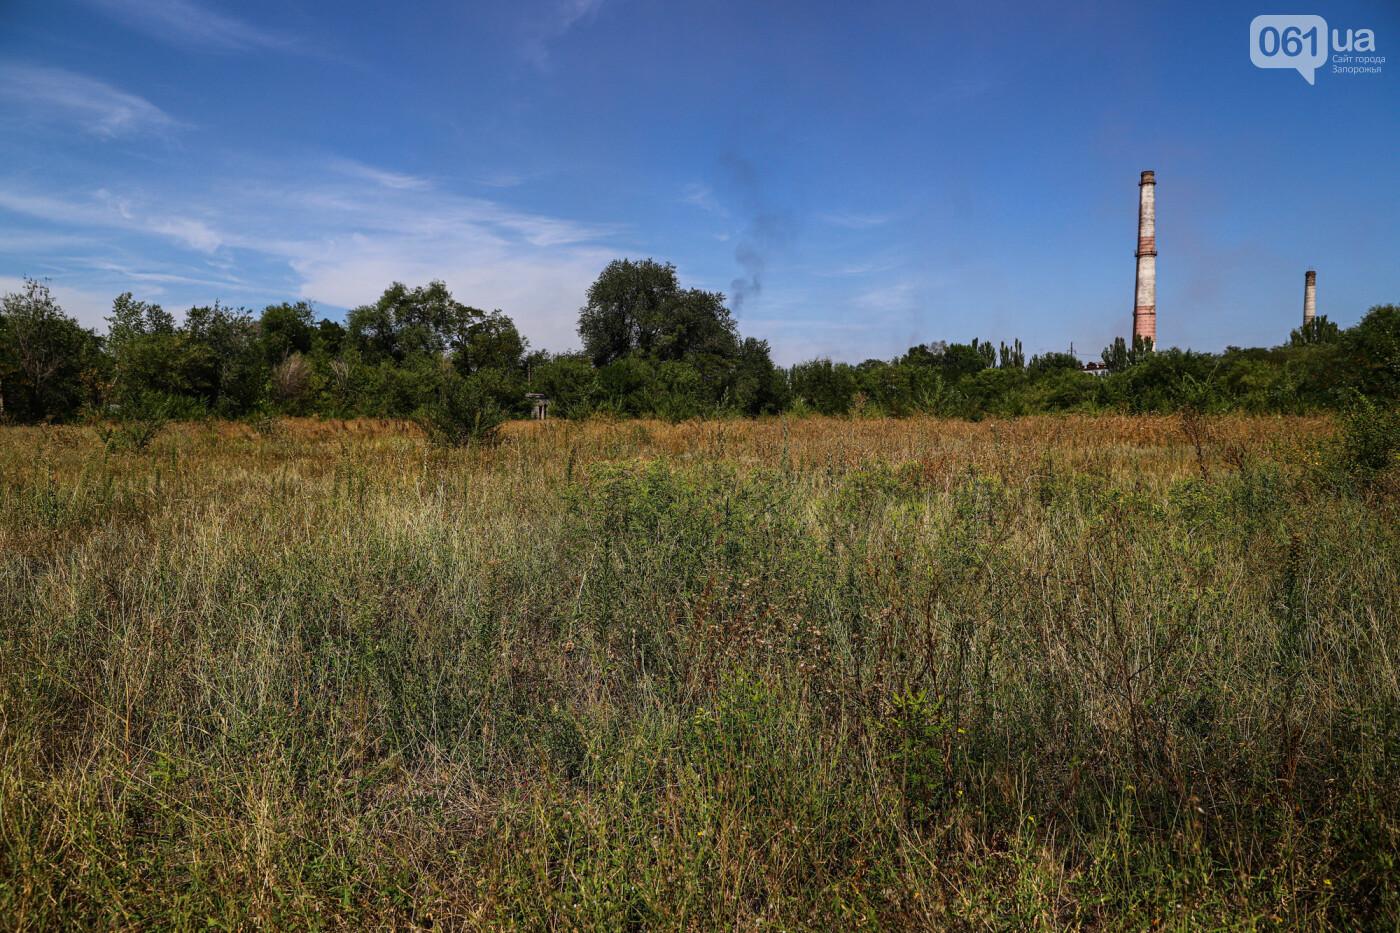 В Запорожье строить ледовую арену за цирком будет фирма, которая зарегистрирована в поле, фото-15